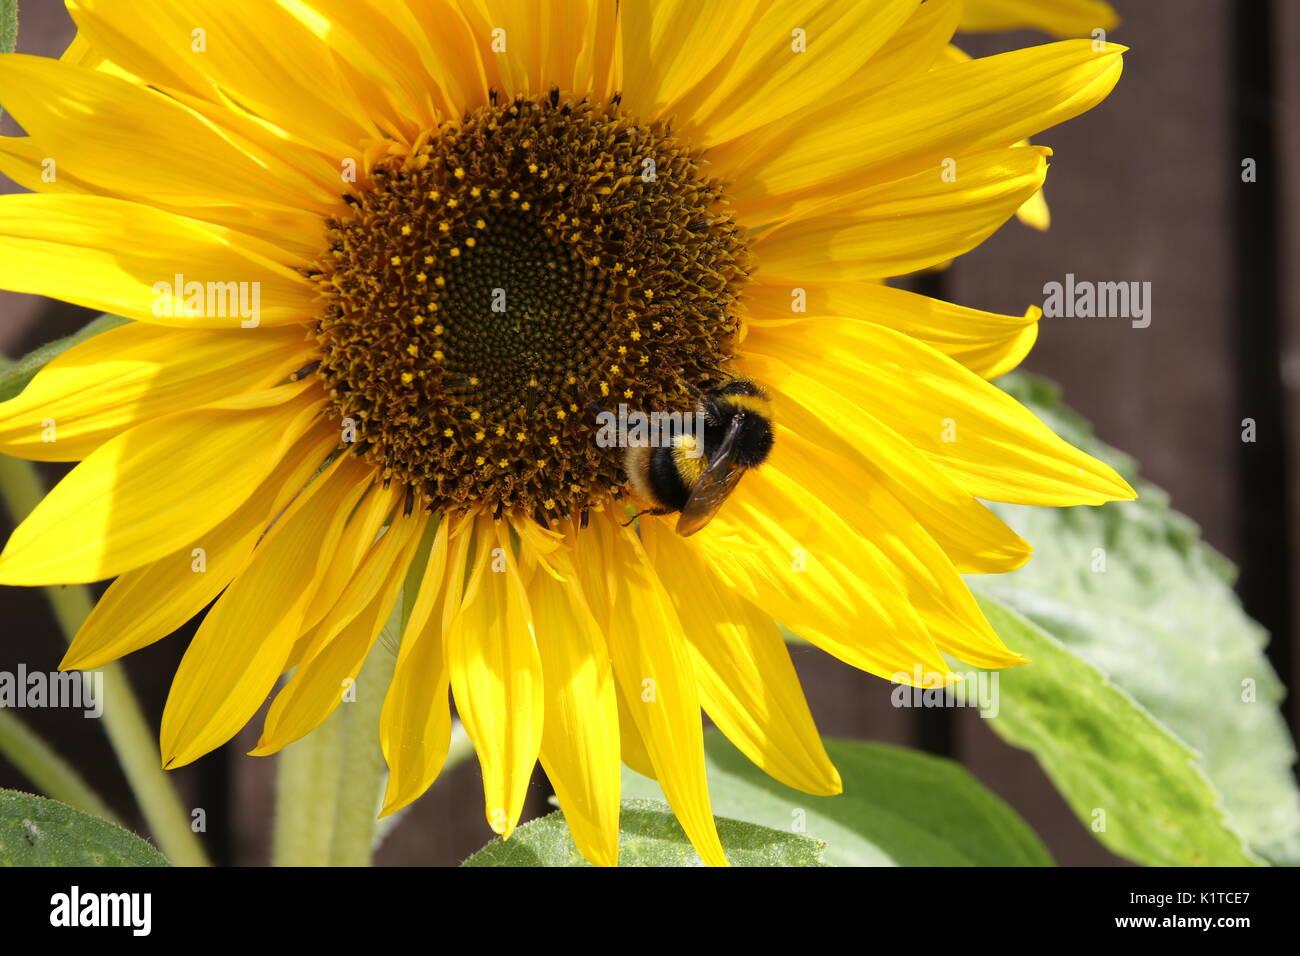 Eine Nahaufnahme von einem blühenden Sonnenblumen mit grünen Blättern und eine Biene bestäubt Stockbild